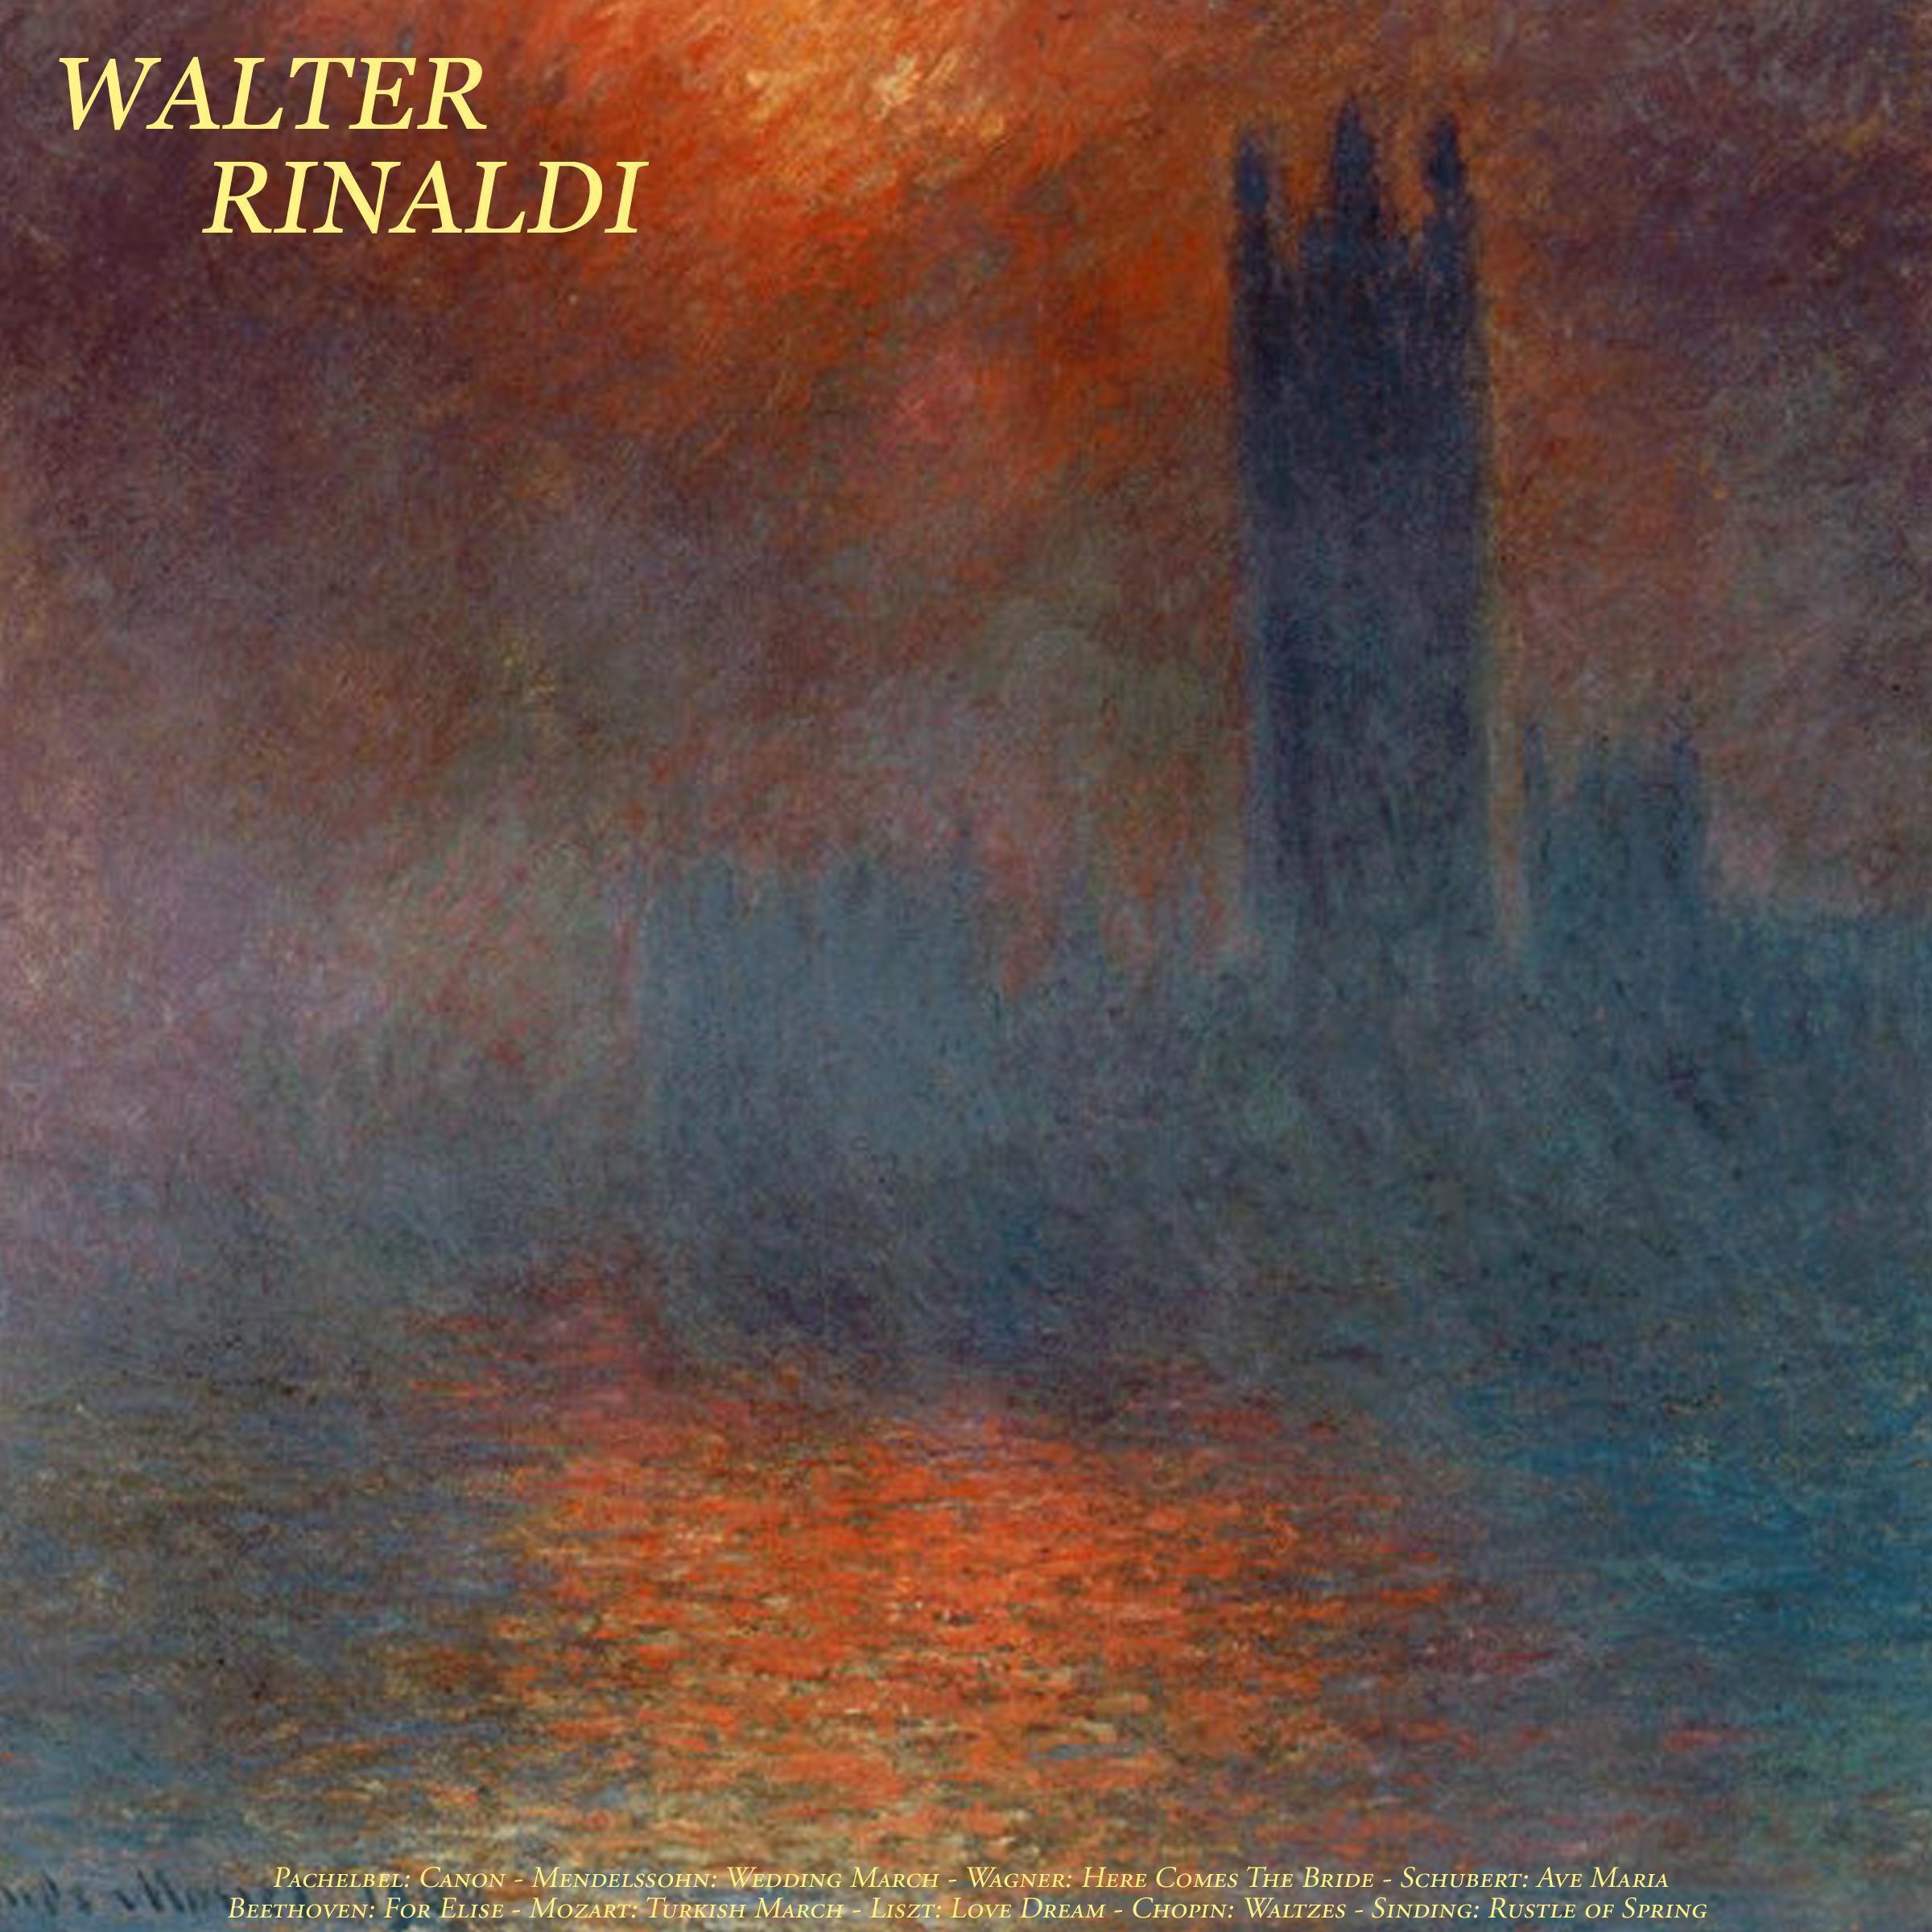 Piano Sonata No. 16 in C Major, K 545